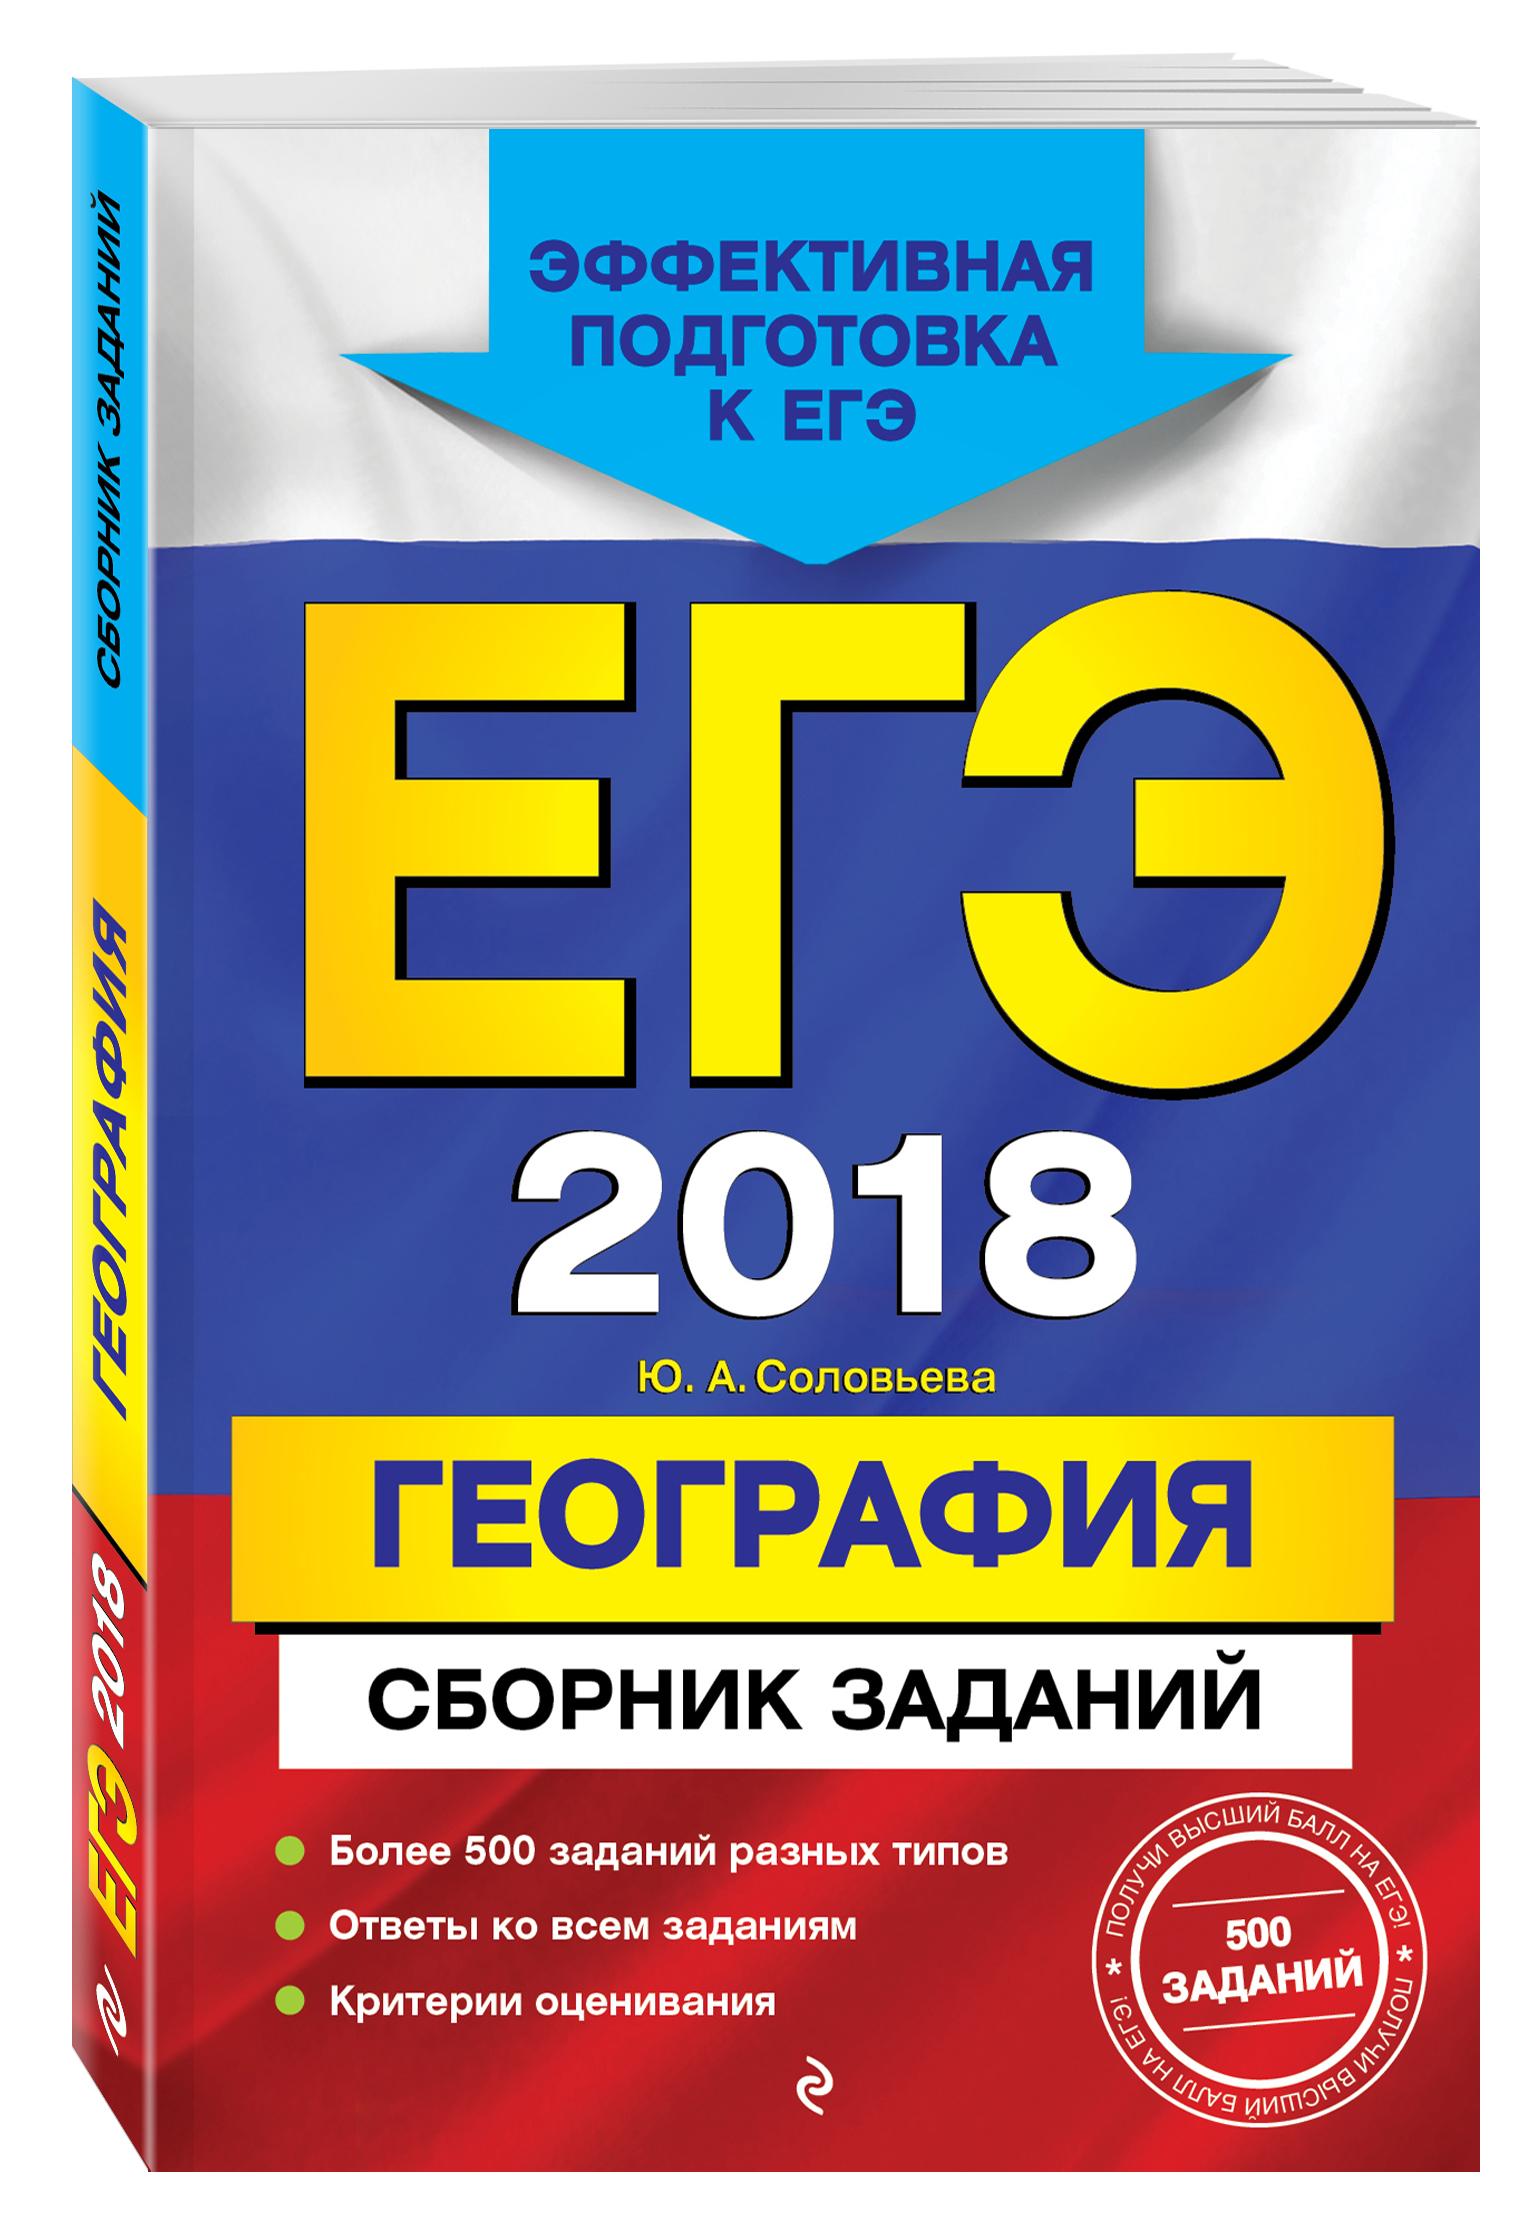 ЕГЭ-2018. География. Сборник заданий ( Соловьева Ю.А.  )